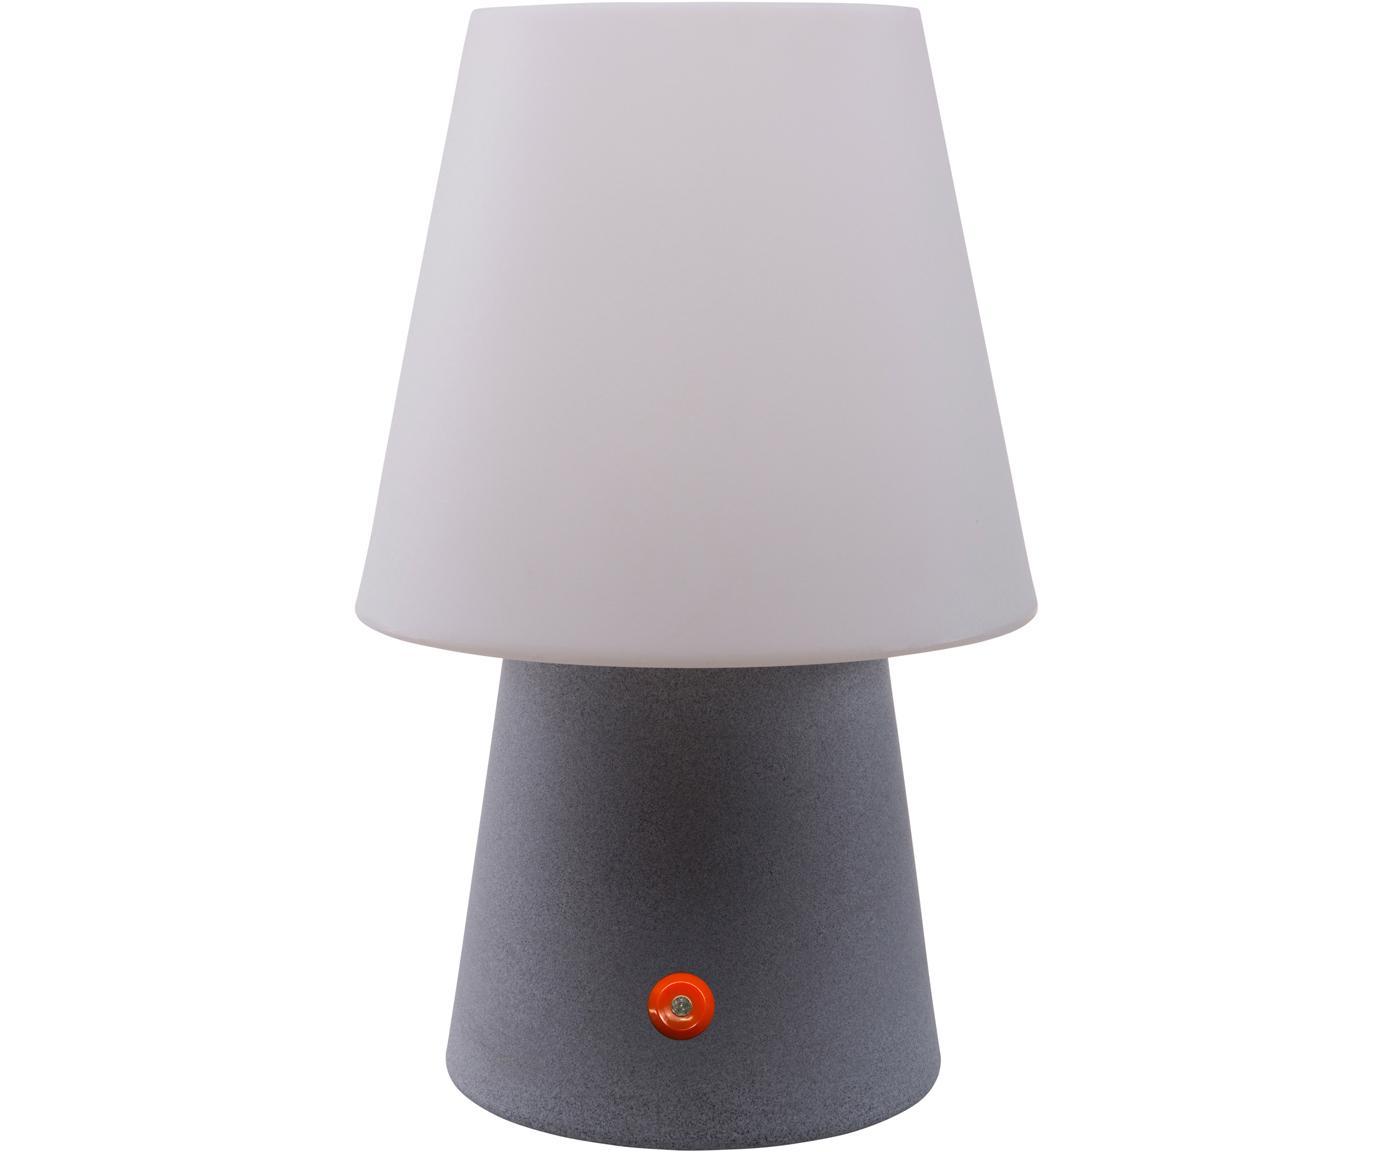 Mobiele outdoor LED tafellamp No. 1 , Kunststof, Wit, grijs, Ø 18 x H 29 cm